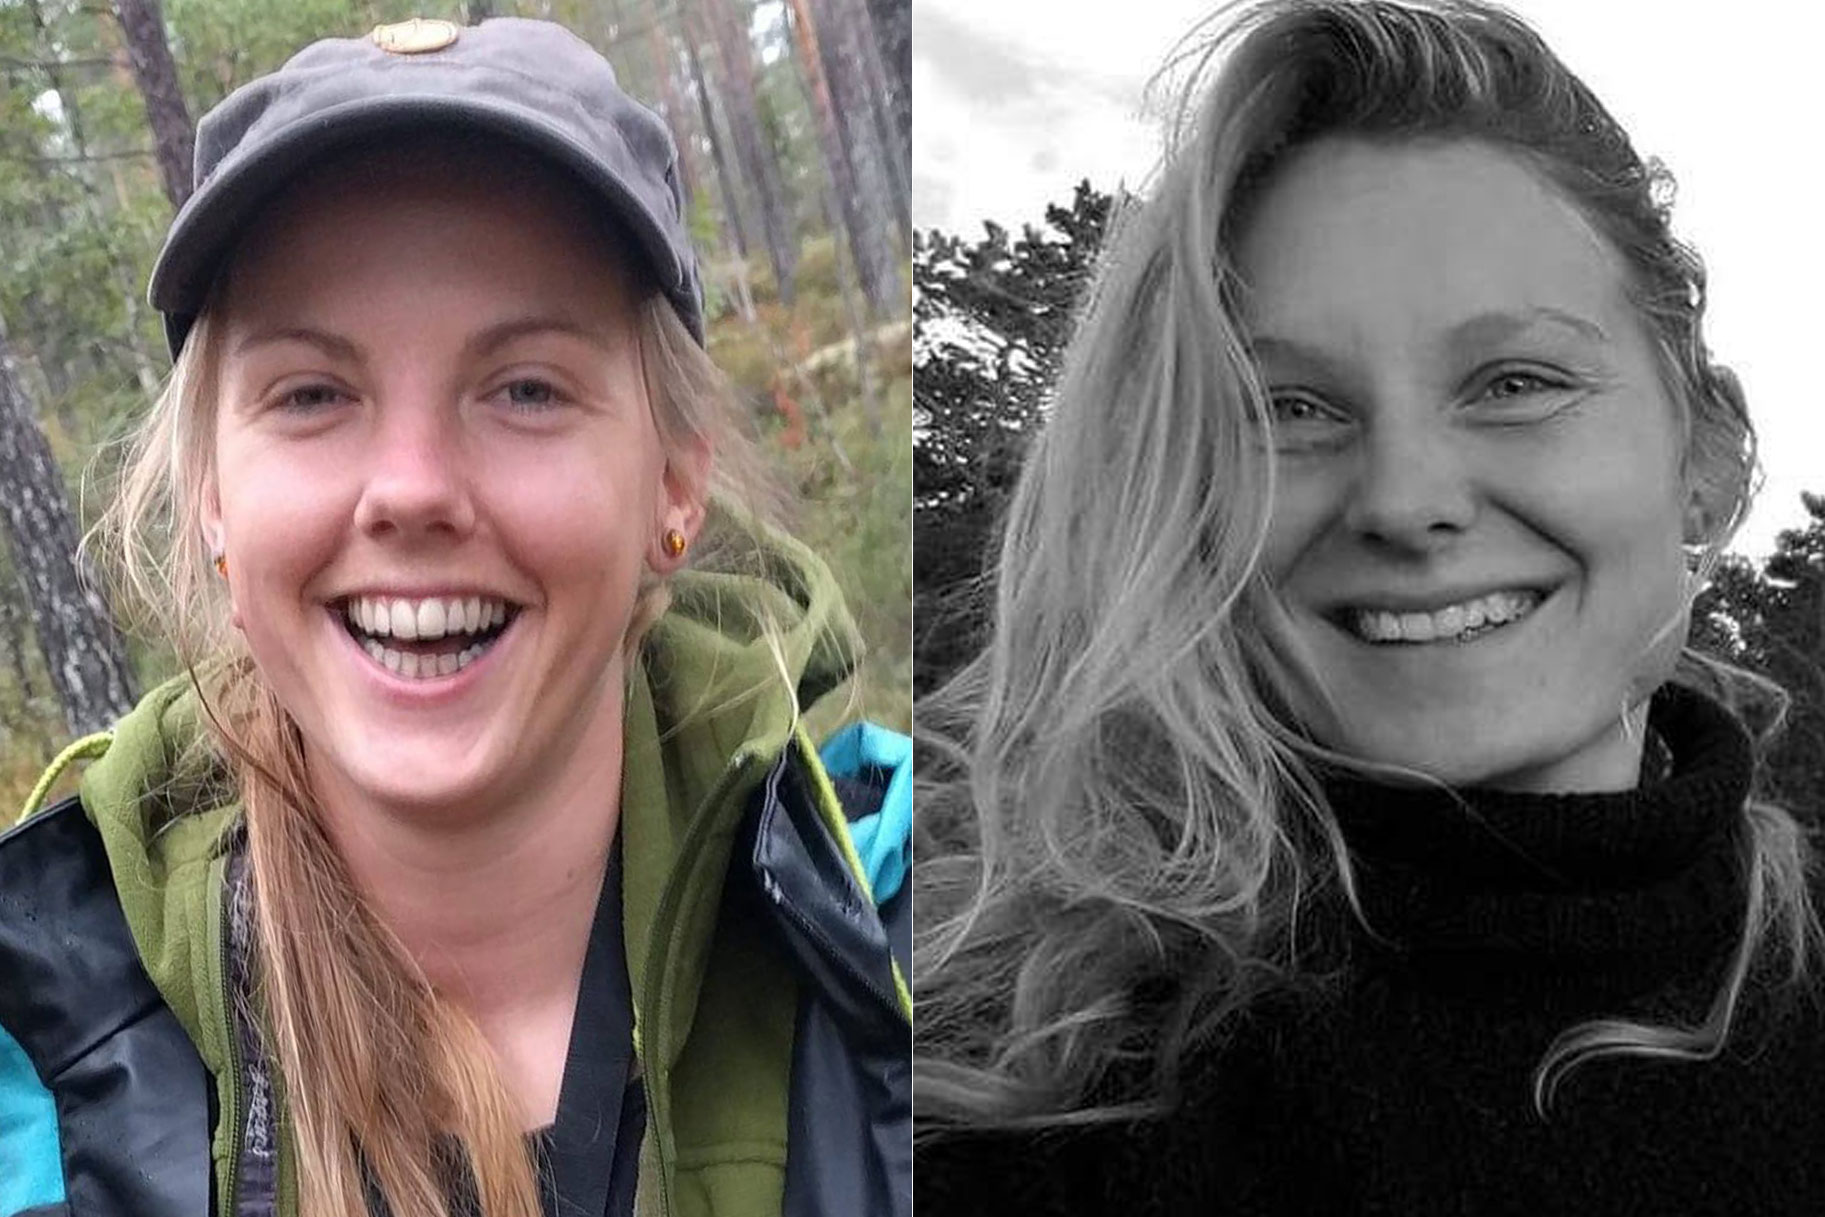 3 meest, kes mõisteti surma kahele naismatkajale peaga löömise eest